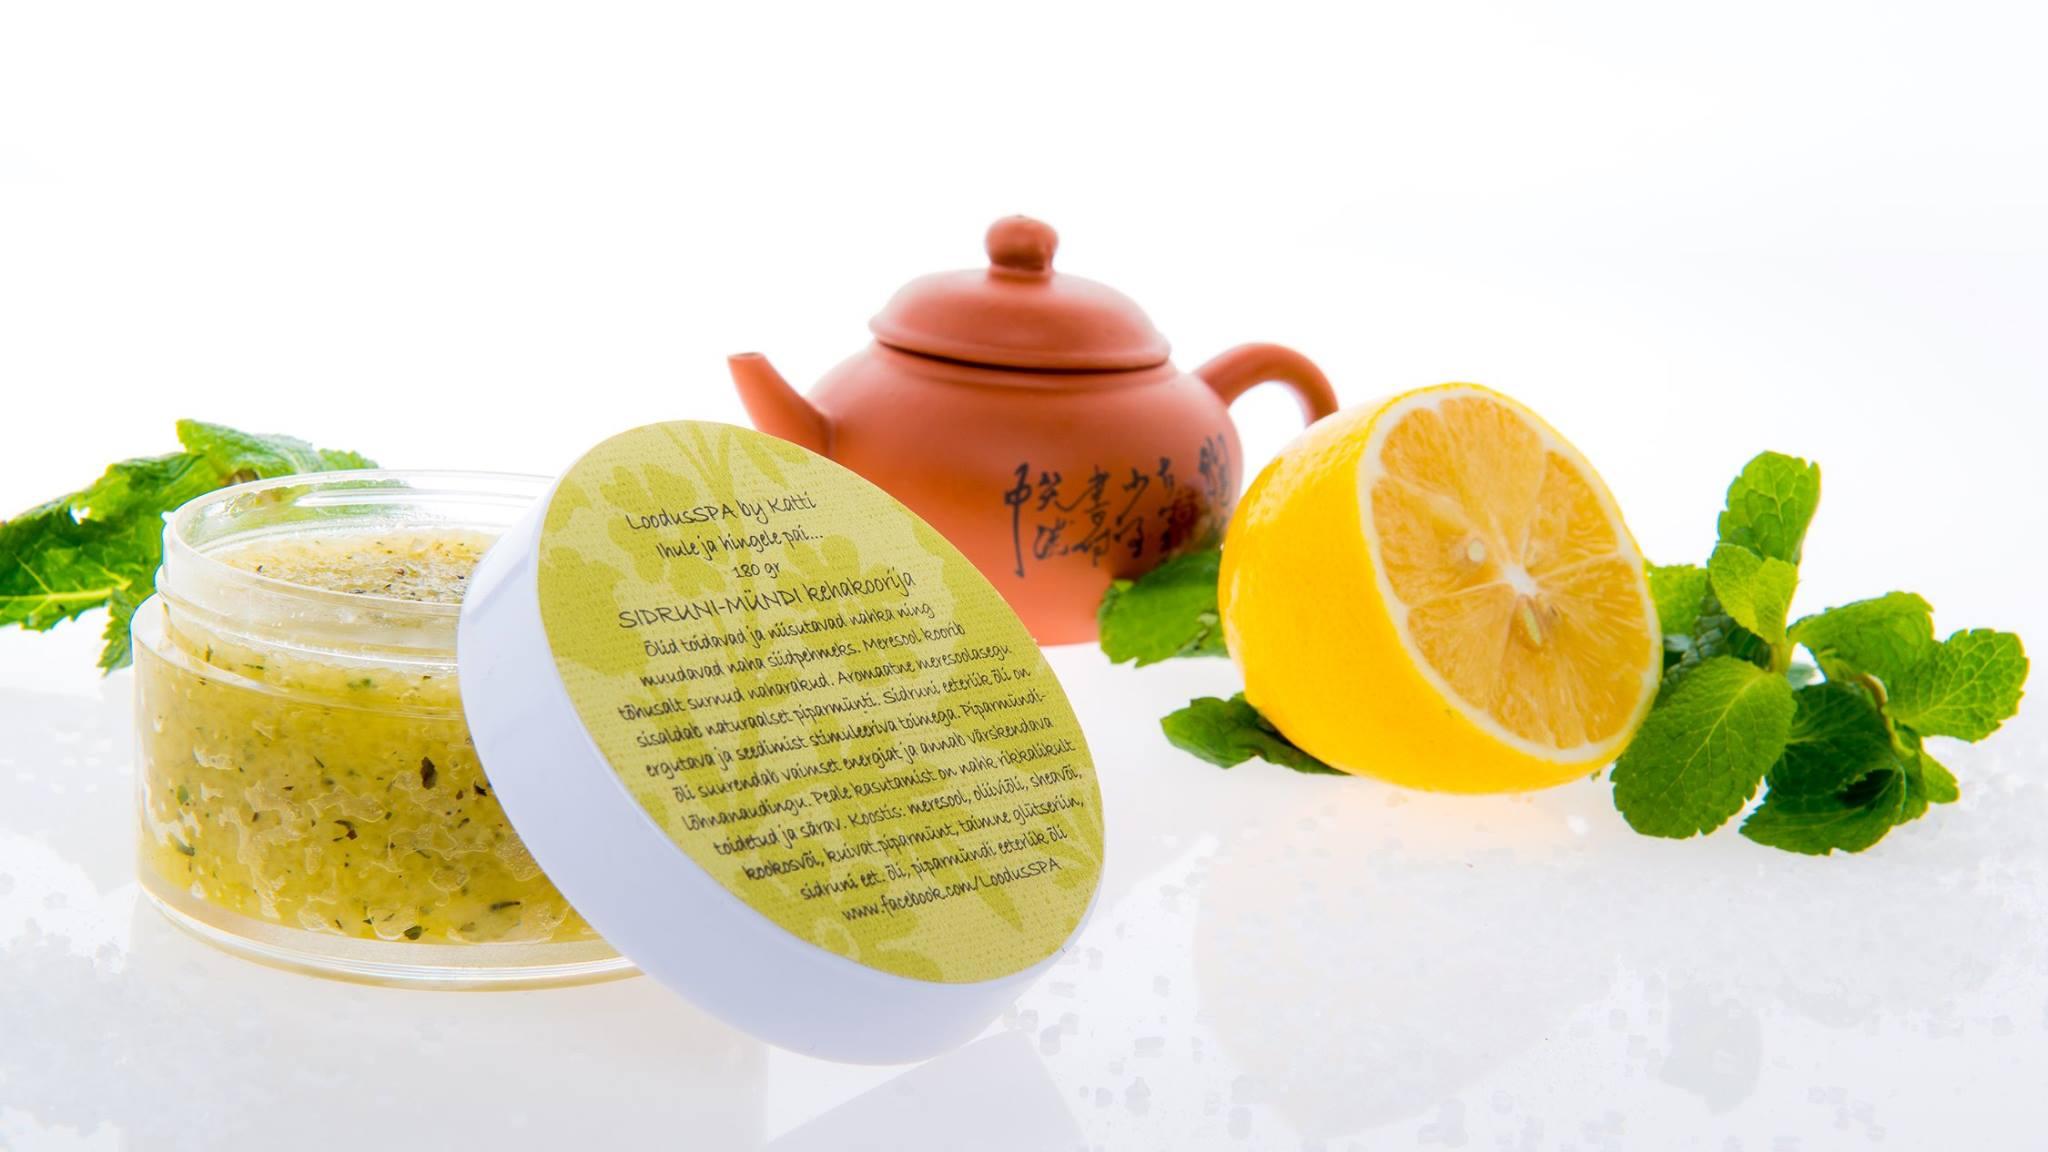 sidrunheina kasutamine